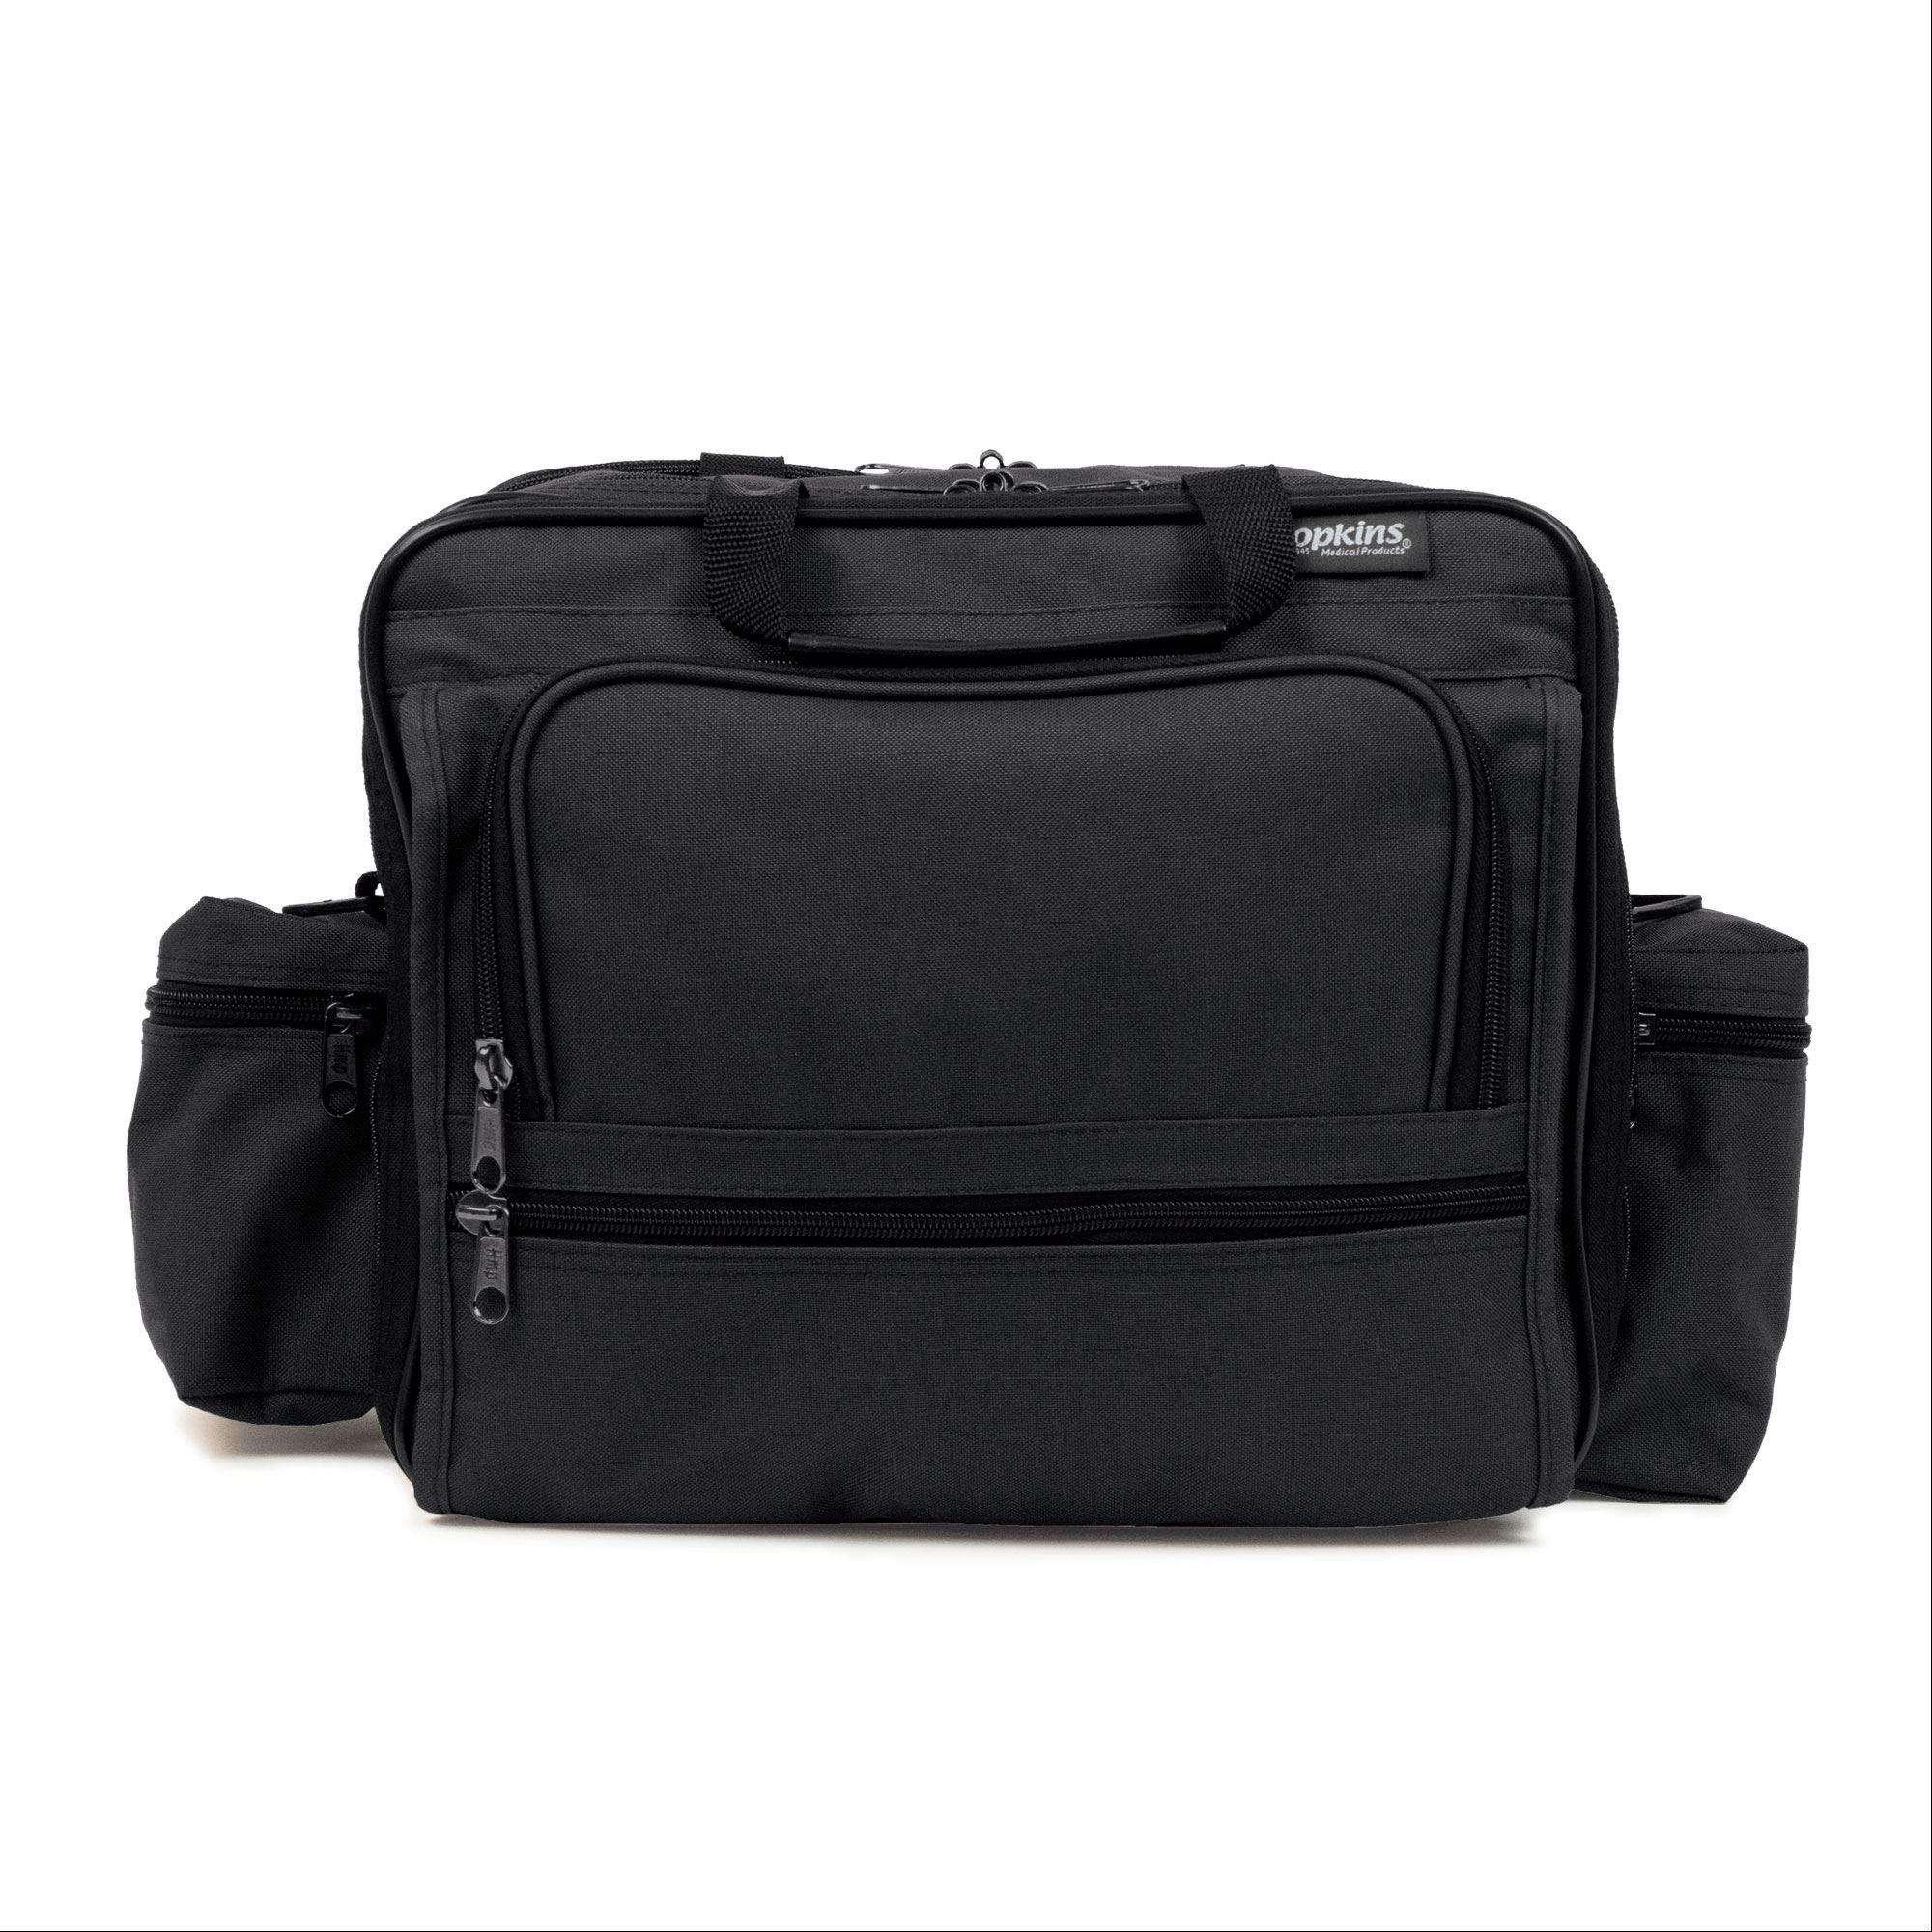 Hopkins Mark V ExL Shoulder Bag for Medical and Home Healthcare Professionals - Black by Hopkins Medical Products